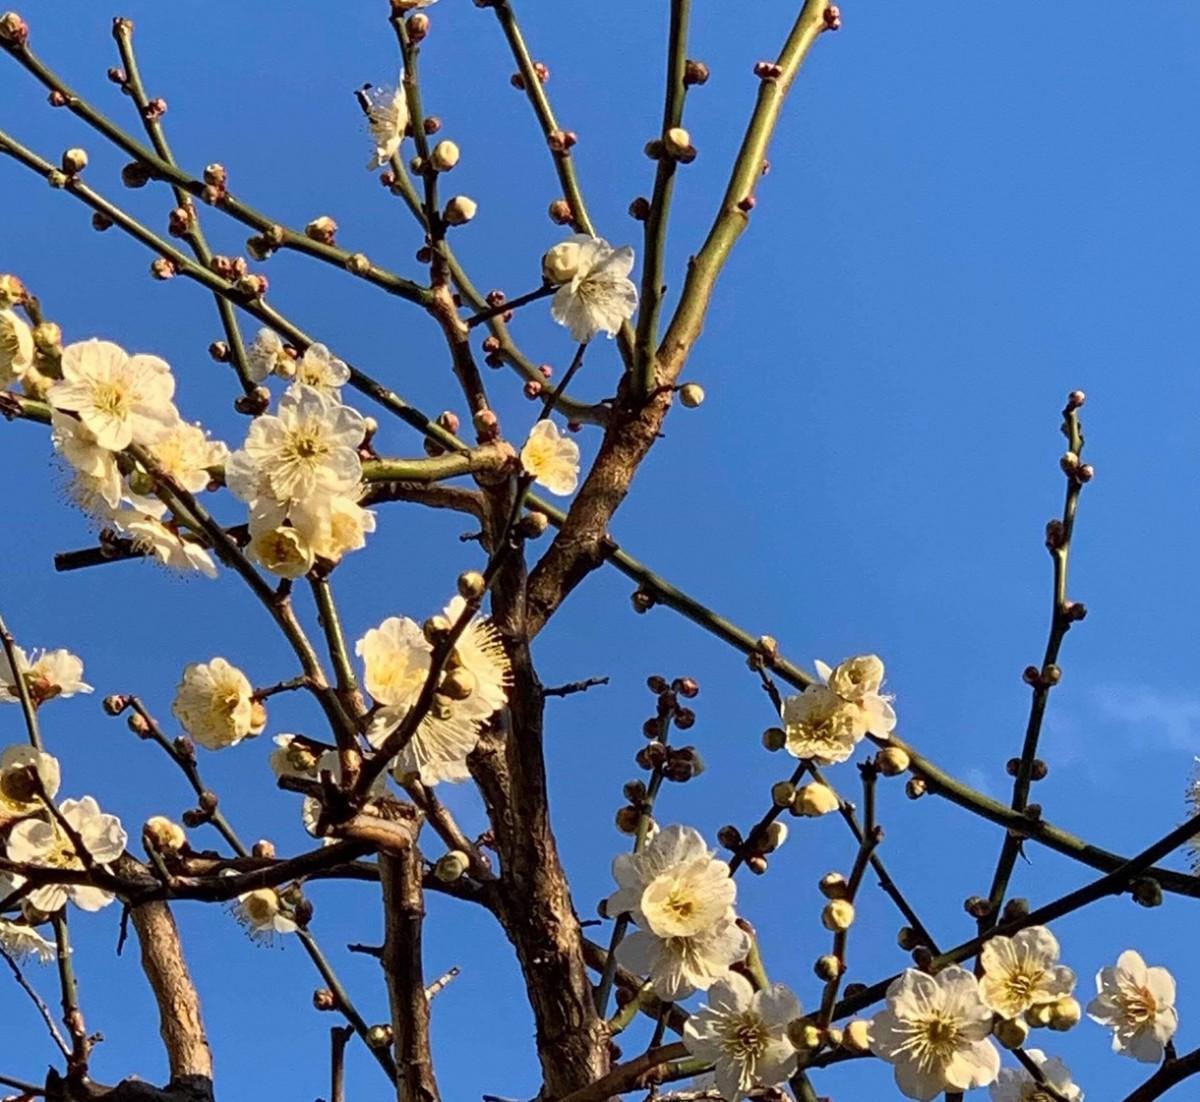 「経堂アトリエ」1階「plum cafe」の庭に咲く梅の花